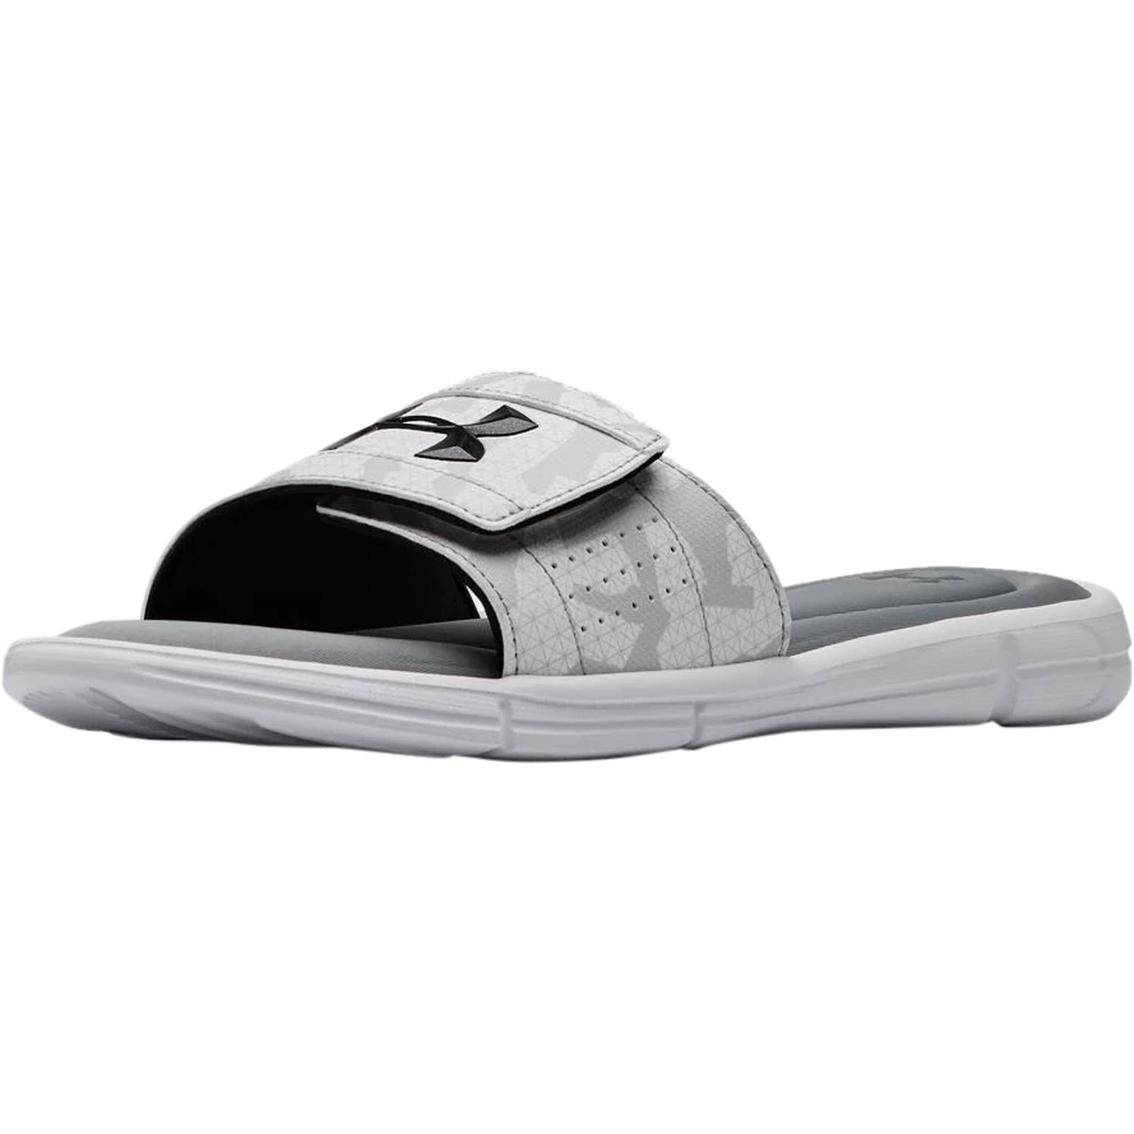 0ebcca5747 Under Armour Men's Ignite Bustle V Slides | Sandals & Flip Flops ...